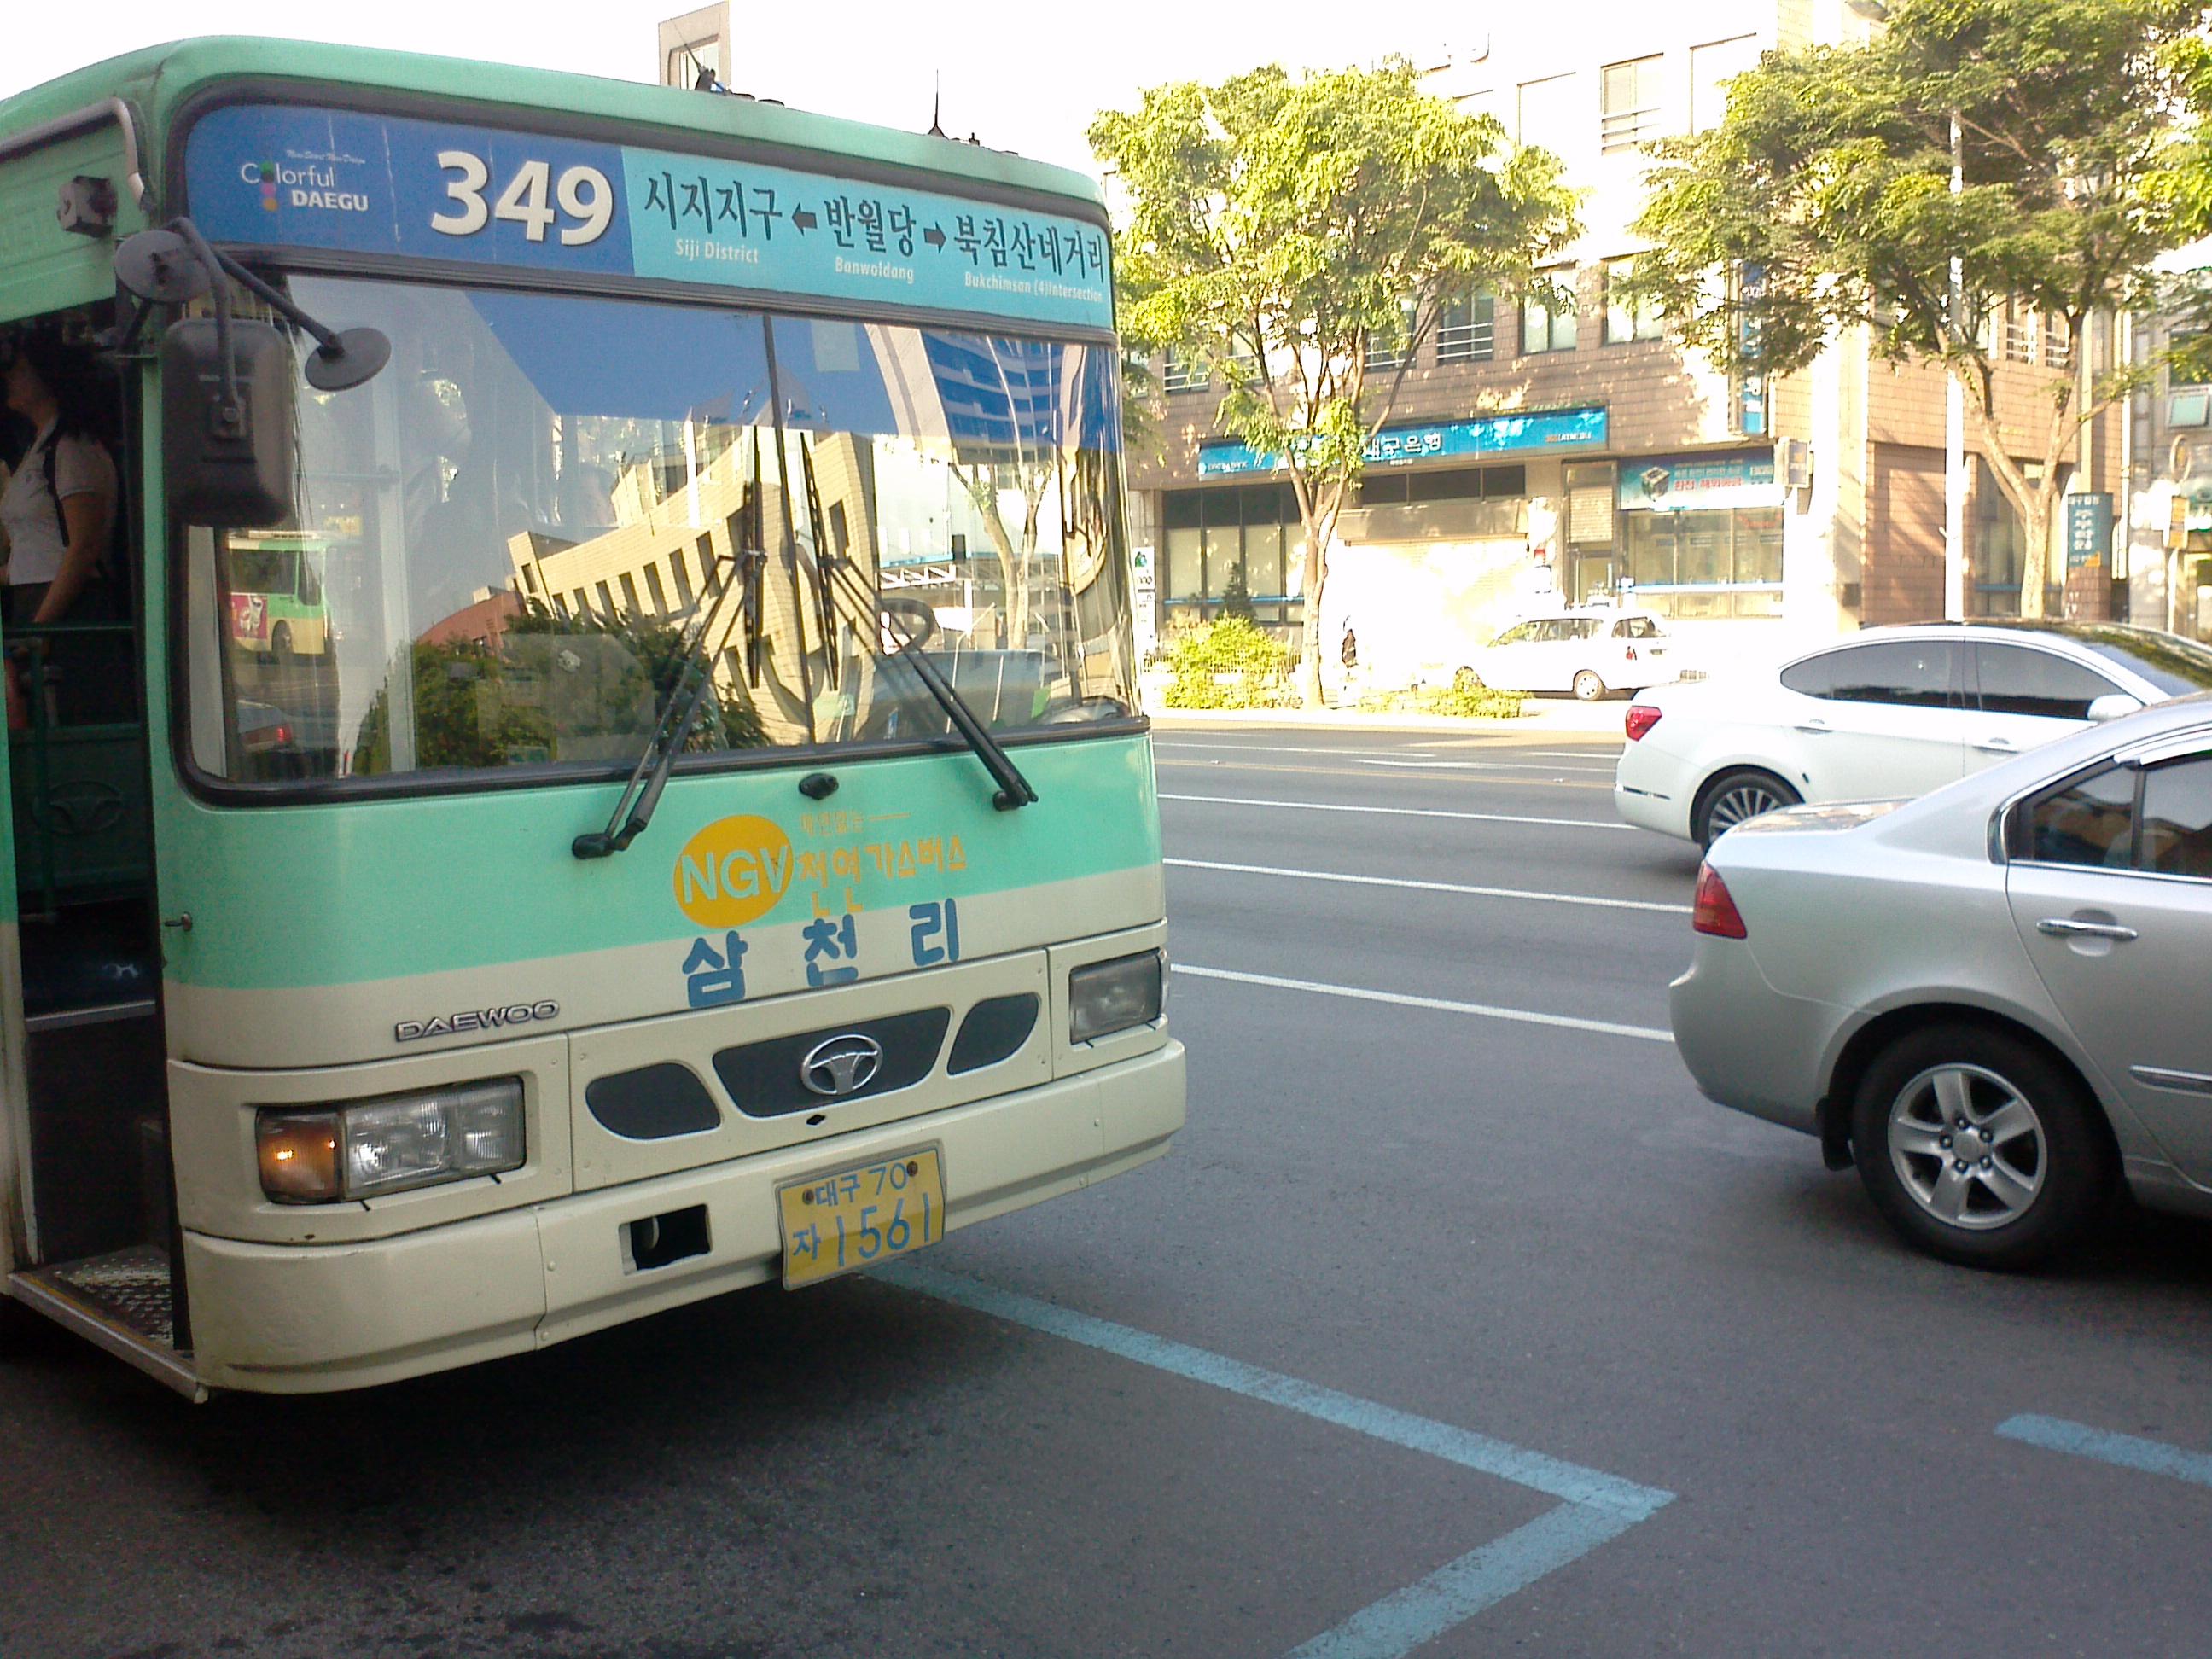 File:Daegu-Bus-349.jpg